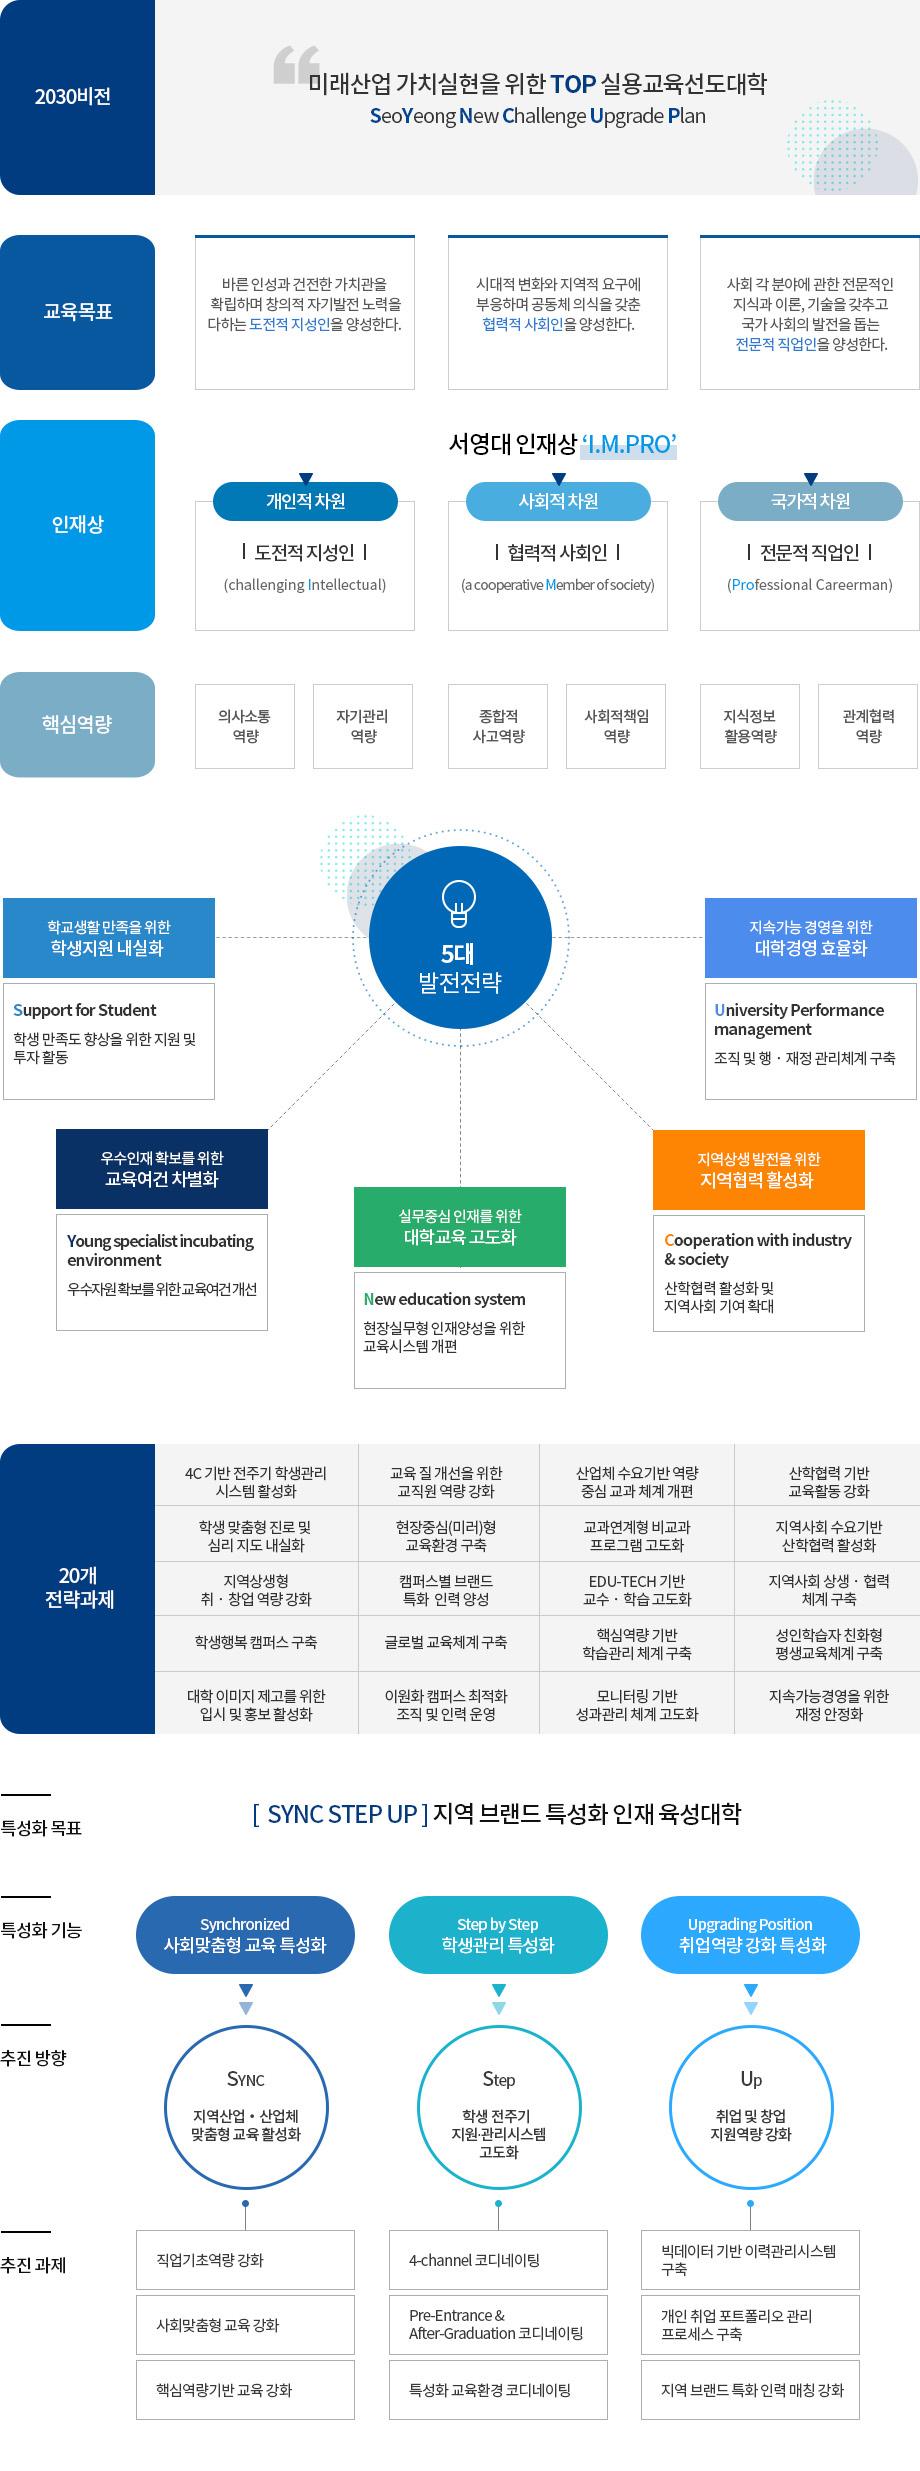 2030비전(안)미래산업 가치실현을 위한 TOP 실용교육선도대학SeoYeong New Challenge Upgrade Plan교육목표바른 인성과 건전한 가치관을 확립하며 창의적 자기발전 노력을 다하는 도전적 지성인을 양성한다.시대적 변화와 지역적 요구에 부응하며 공동체 의식을 갖춘 협력적 사회인을 양성한다. 사회 각 분야에 관한 전문적인 지식과 이론, 기술을 갖추고 국가 사회의 발전을 돕는 전문적 직업인을 양성한다.인재상서영대 인재상 'I.M.Pro'개인적 차원도전적 지성인(challenging Intellectual)사회적 차원협력적 사회인(a cooperative Member of society)국가적 차원전문적 직업인(Professional Careerman) 핵심역량 의사소통역량 자기관리역량 종합적사고역량 사회적책임역량 지식정보활용역량 관계혁력역량 5대발전전략 학교생활 만족을 위한학생지원 내실화 Support for Student: 학생 만족도 향상을 위한 지원 및 투자 활동우수인재 확보를 위한교육여건 차별화Young specialist incubating environment: 우수자원 확보를 위한 교육여건 개선실무중심 인재를 위한대학교육 고도화New education system현장실무형 인재양성을 위한 교육시스템 개편지역상생 발전을 위한지역협력 활성화 Cooperation with industry & society: 산학협력 활성화 및 지역사회 기여 확대 지속가능 경영을 위한대학경영 효율화University Performance management: 조직 및 행‧재정 관리체계 구축20개전략과제(안)4C 기반 전주기 학생관리 시스템 활성화교육 질 개선을 위한교직원 역량 강화산업체 수요기반 역량 중심 교과 체계 개편산학협력 기반교육활동 강화추진과제직업기초역량 강화사회맞춤형 교육 강화핵심역량기반 교육 강화4-channel 코디네이팅Pre-Entrance & After-Graduation 코디네이팅특성화 교육환경 코디네이팅빅데이터 기반 이력관리시스템 구축개인 취업 포트폴리오 관리 프로세스 구축지역 브랜드 특화 인력 매칭 강화